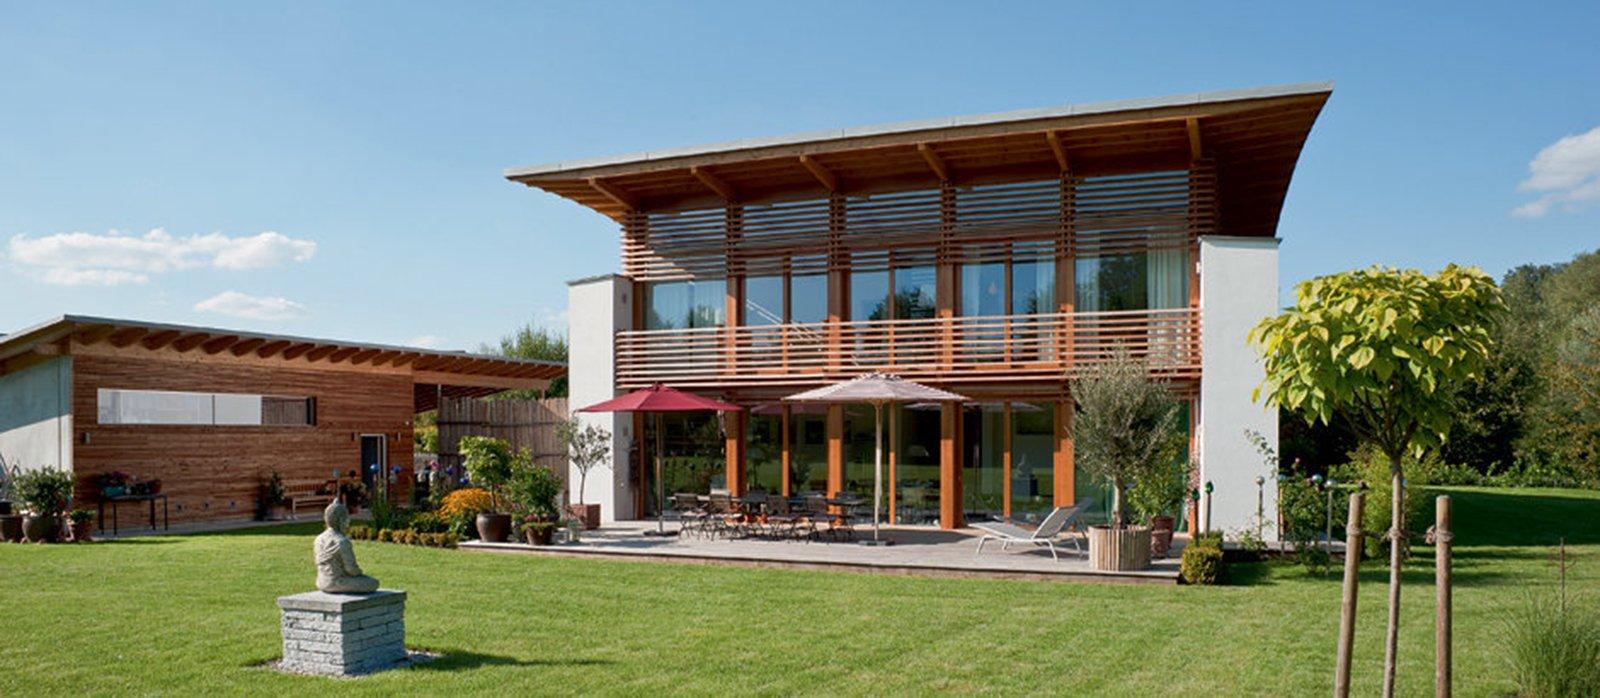 Bioarchitettura e case ecologiche prefabbricate in legno for Foto di case mediterranee